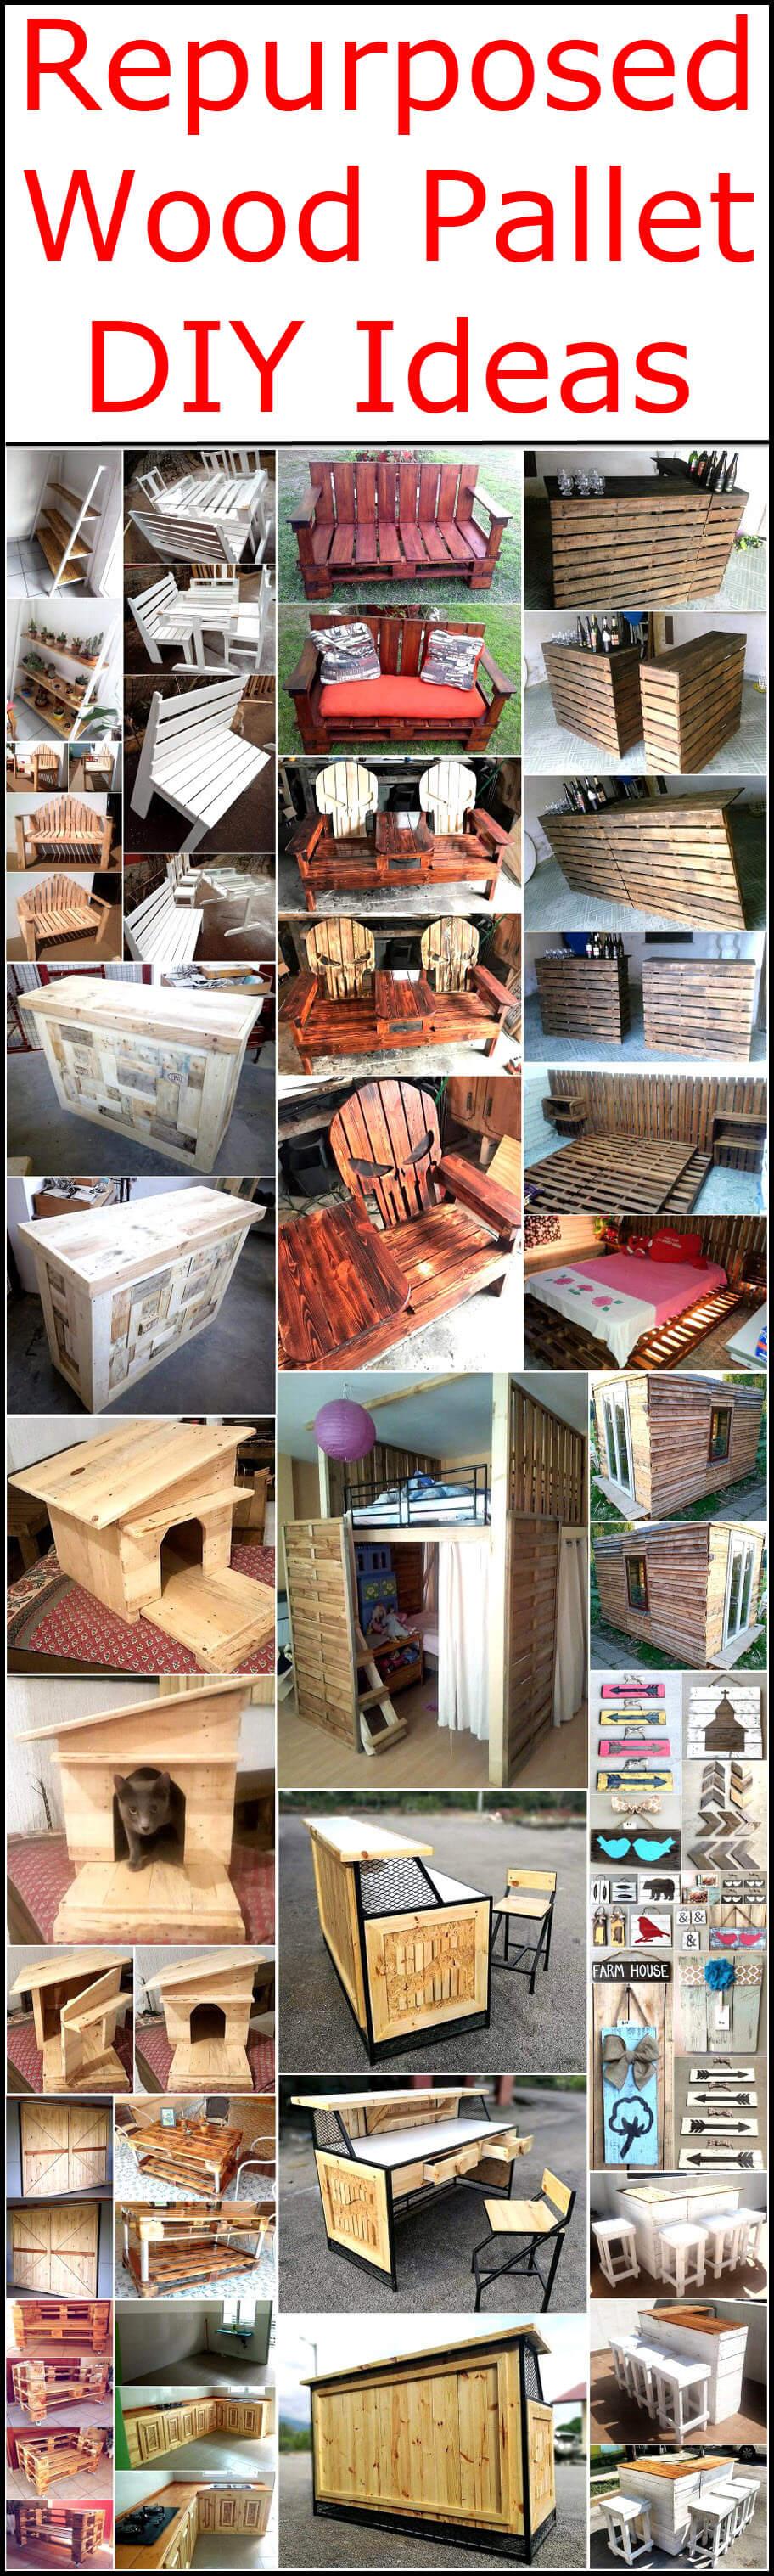 Repurposed Wood Pallet DIY Ideas